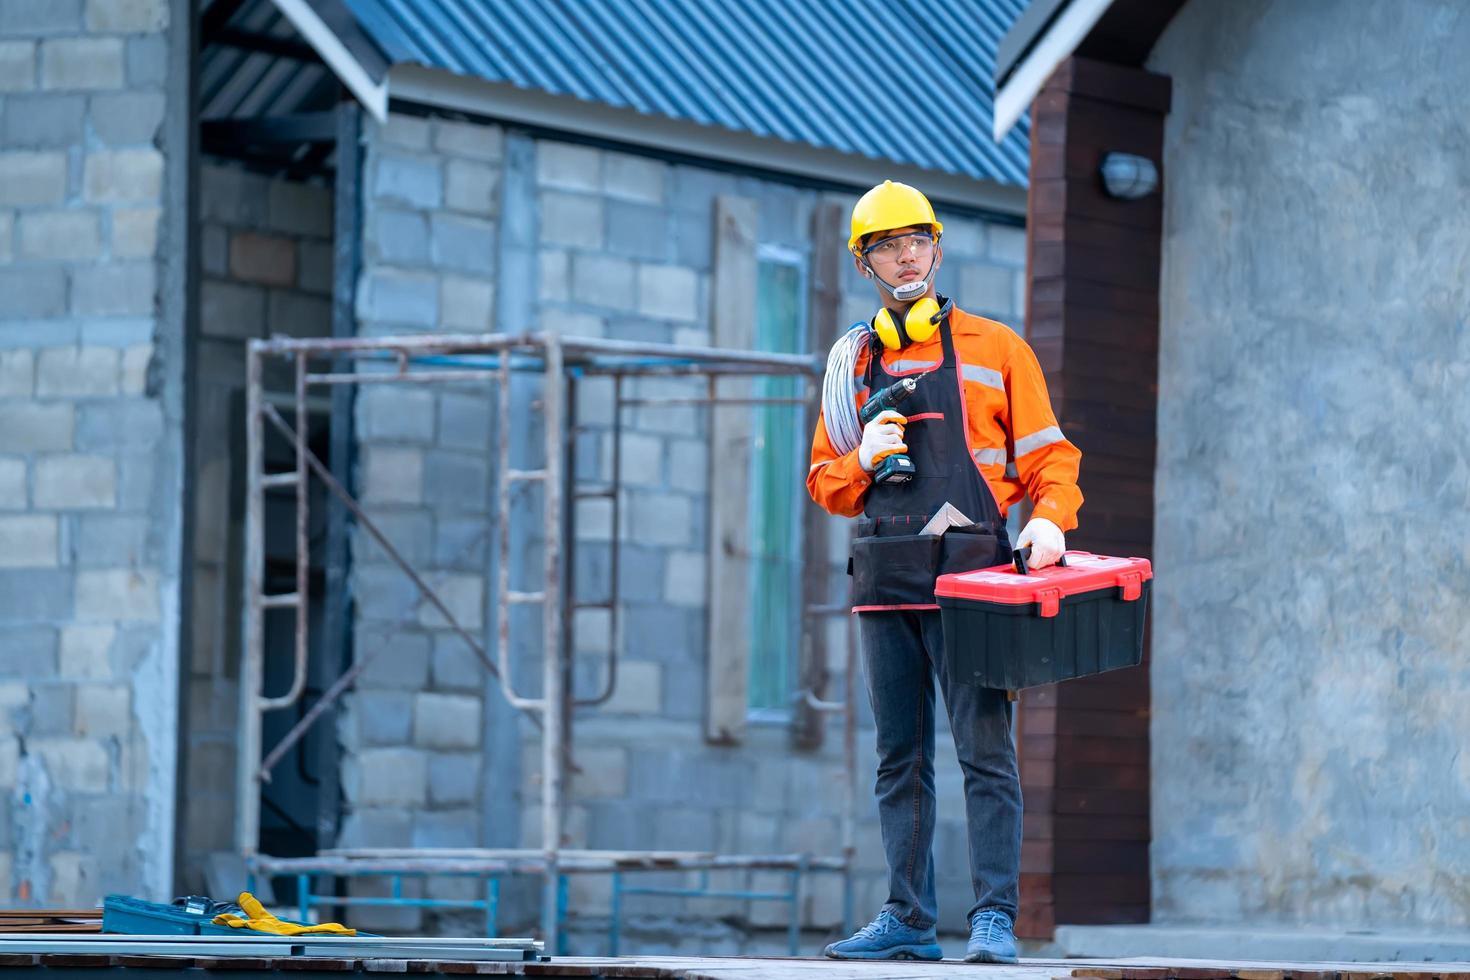 Bauarbeiter mit Bohrer und Werkzeugkasten foto